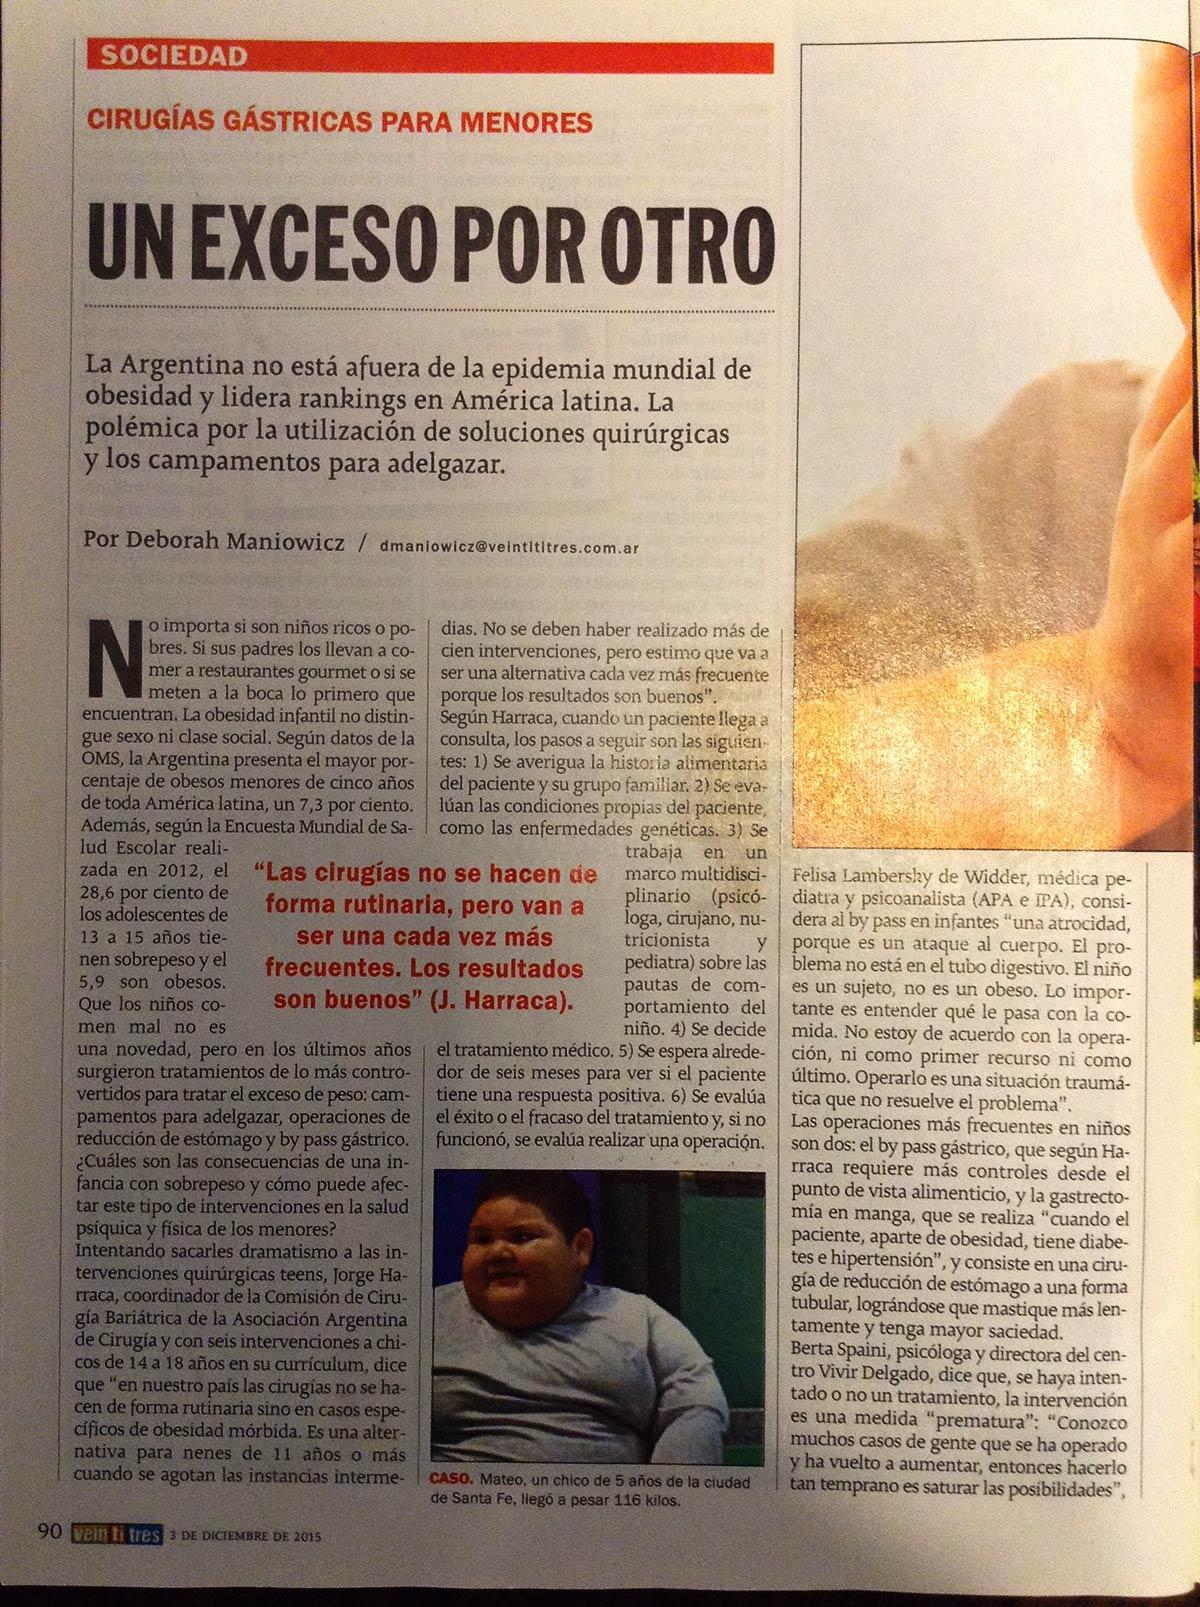 exceso_por_otro_veintitres_1